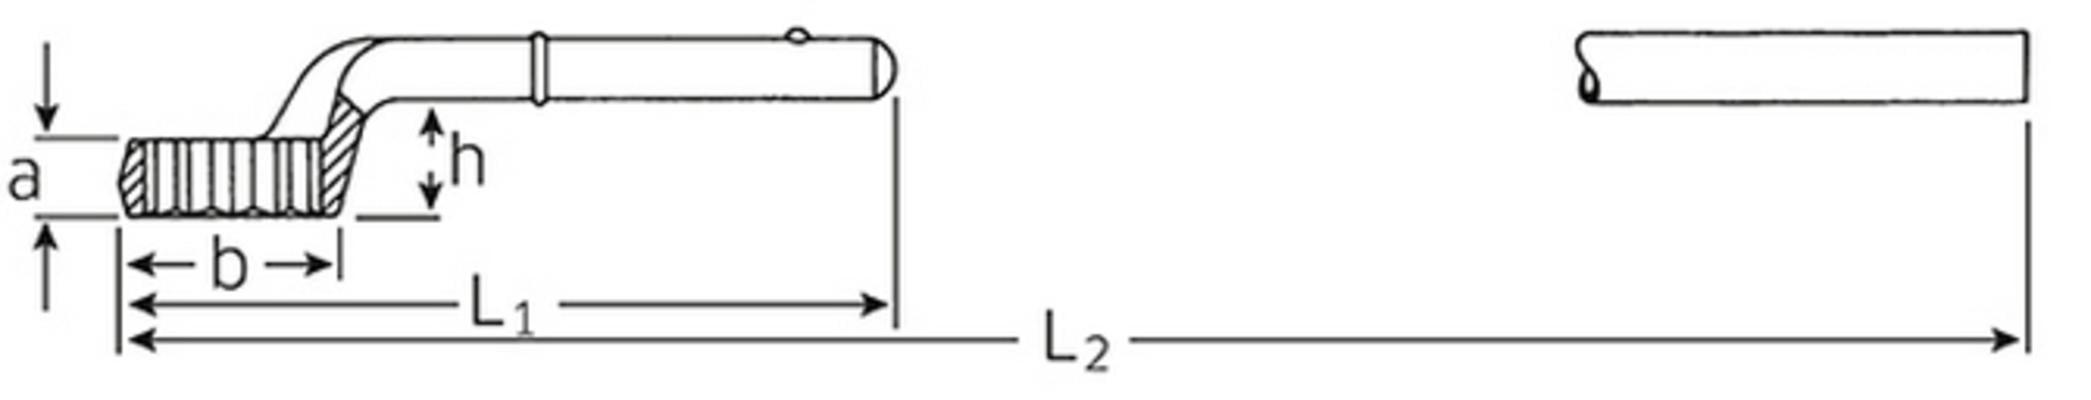 Vetosilmukka-avain, Stahlwille - Vetosilmukka-avain 24 mm